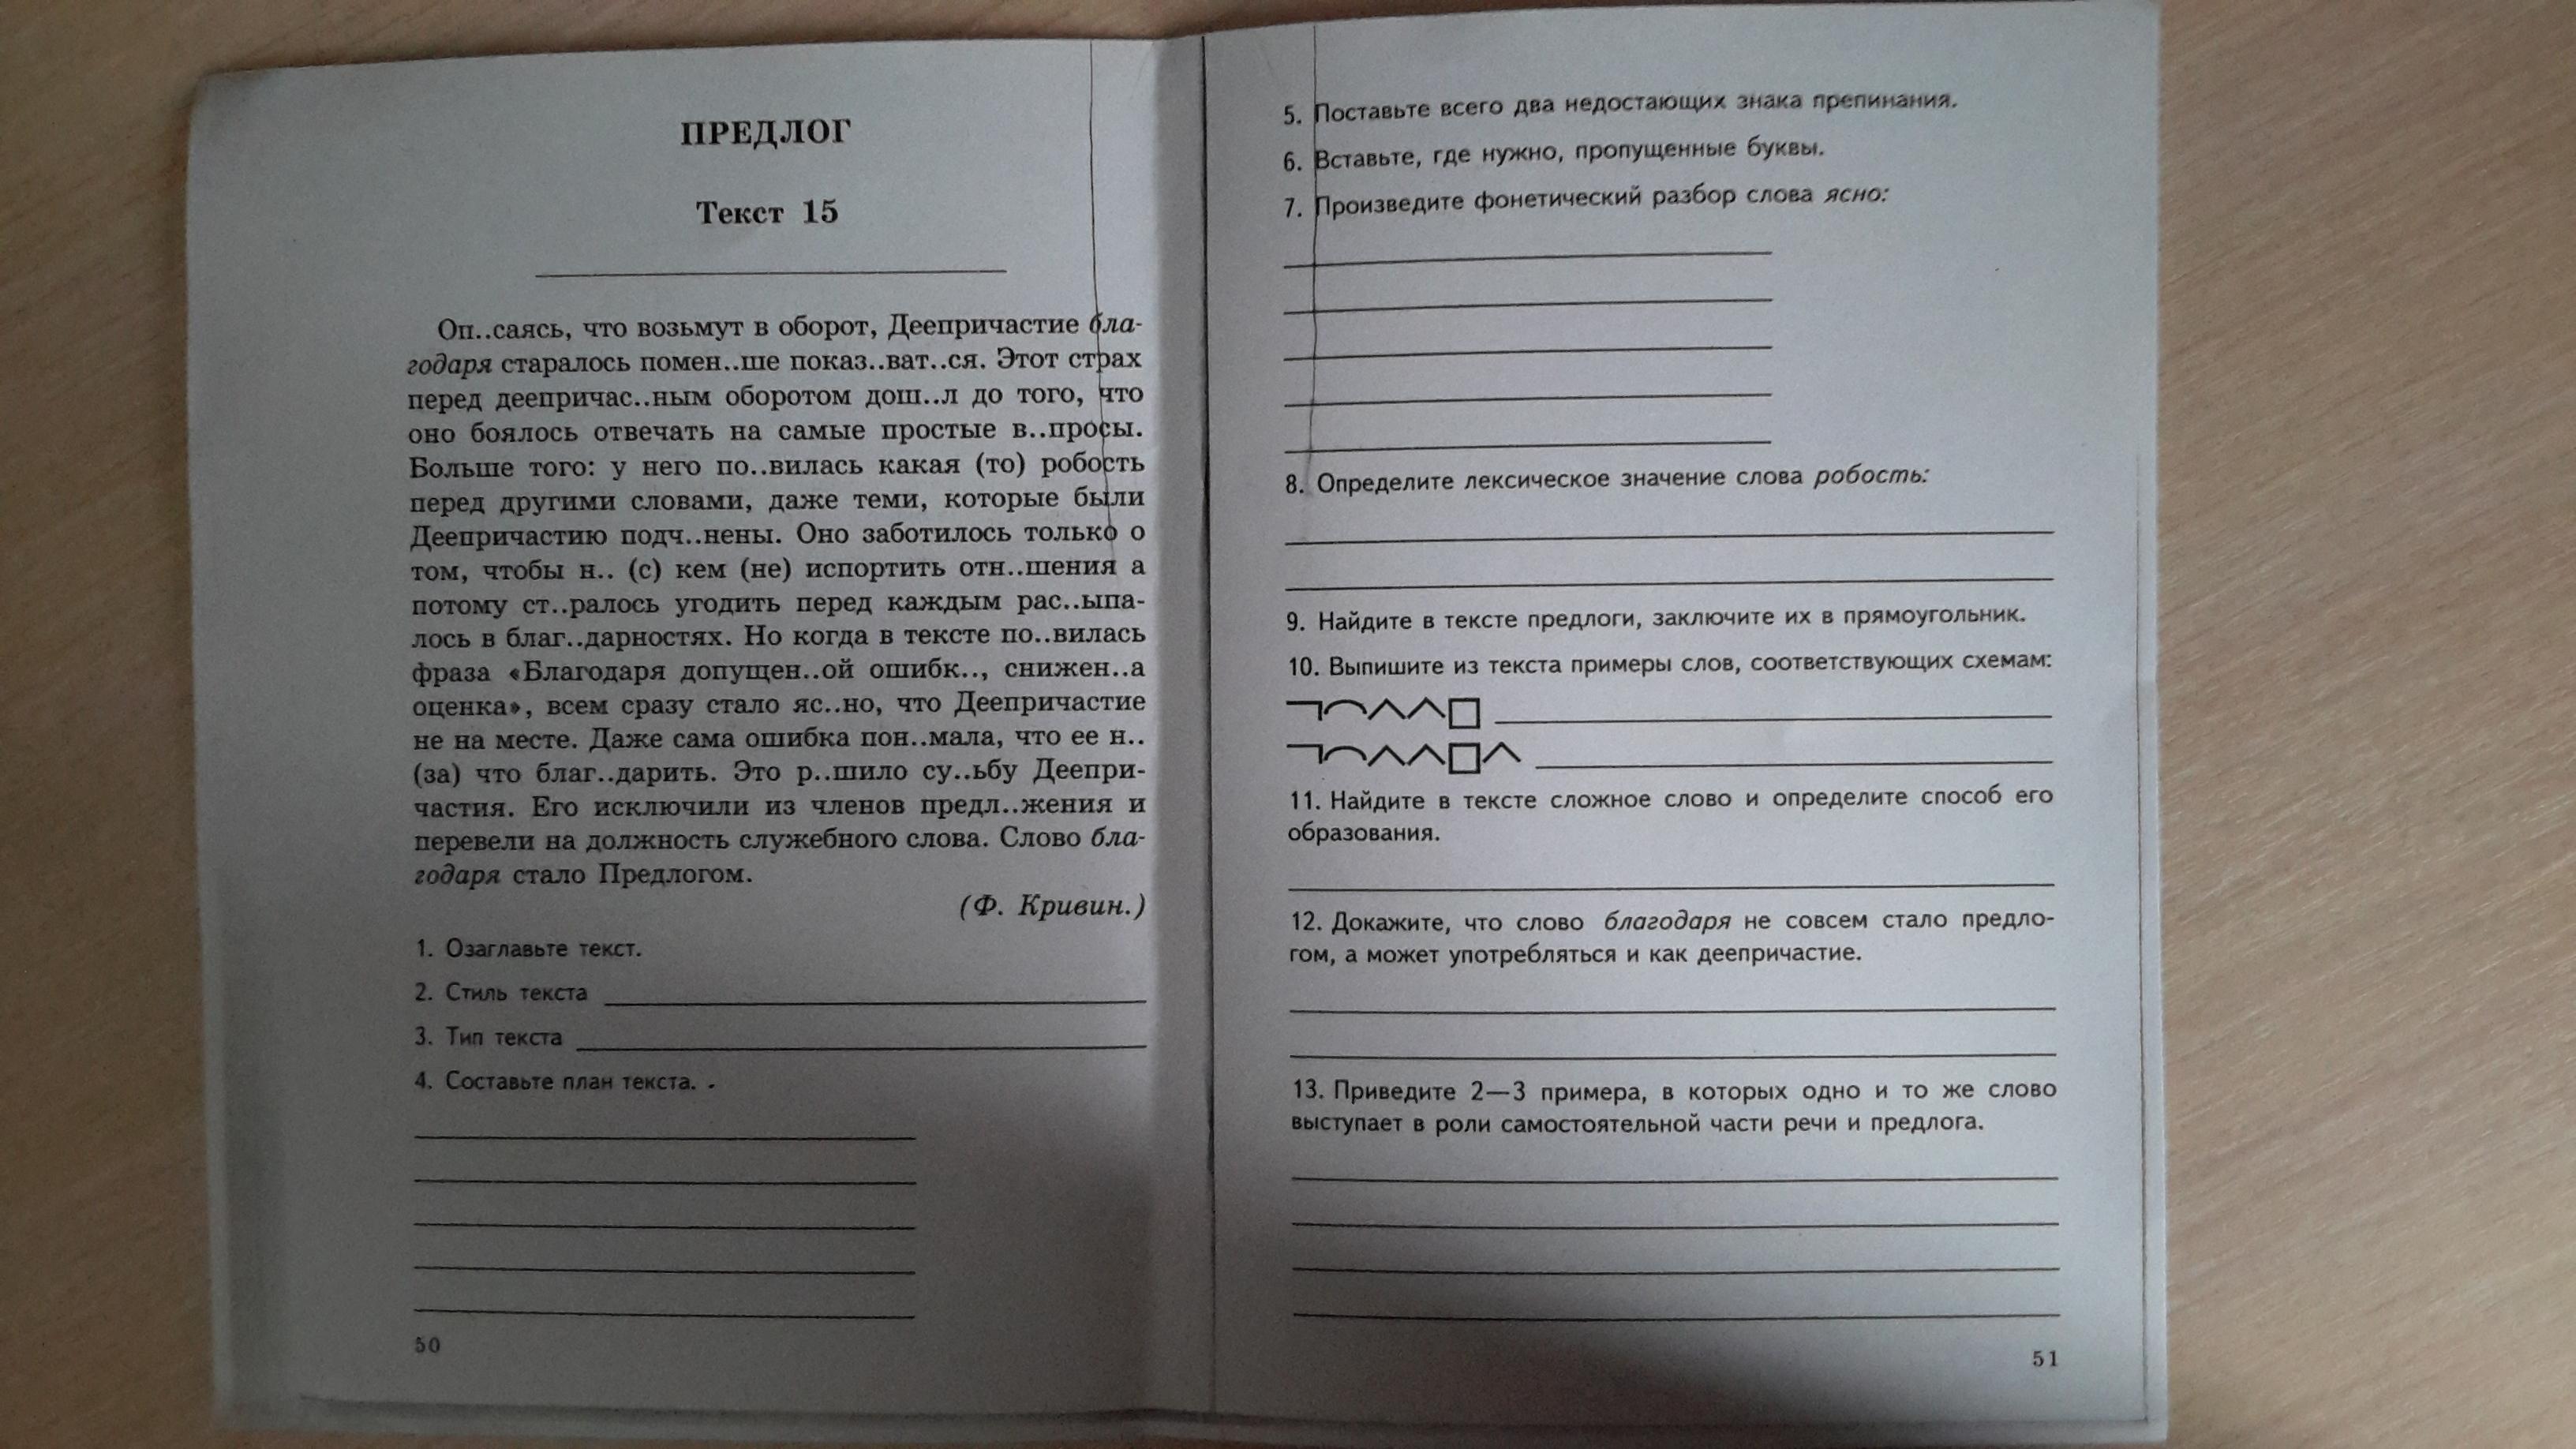 гдз по комплексному анализу текста 6 класс малюшкин